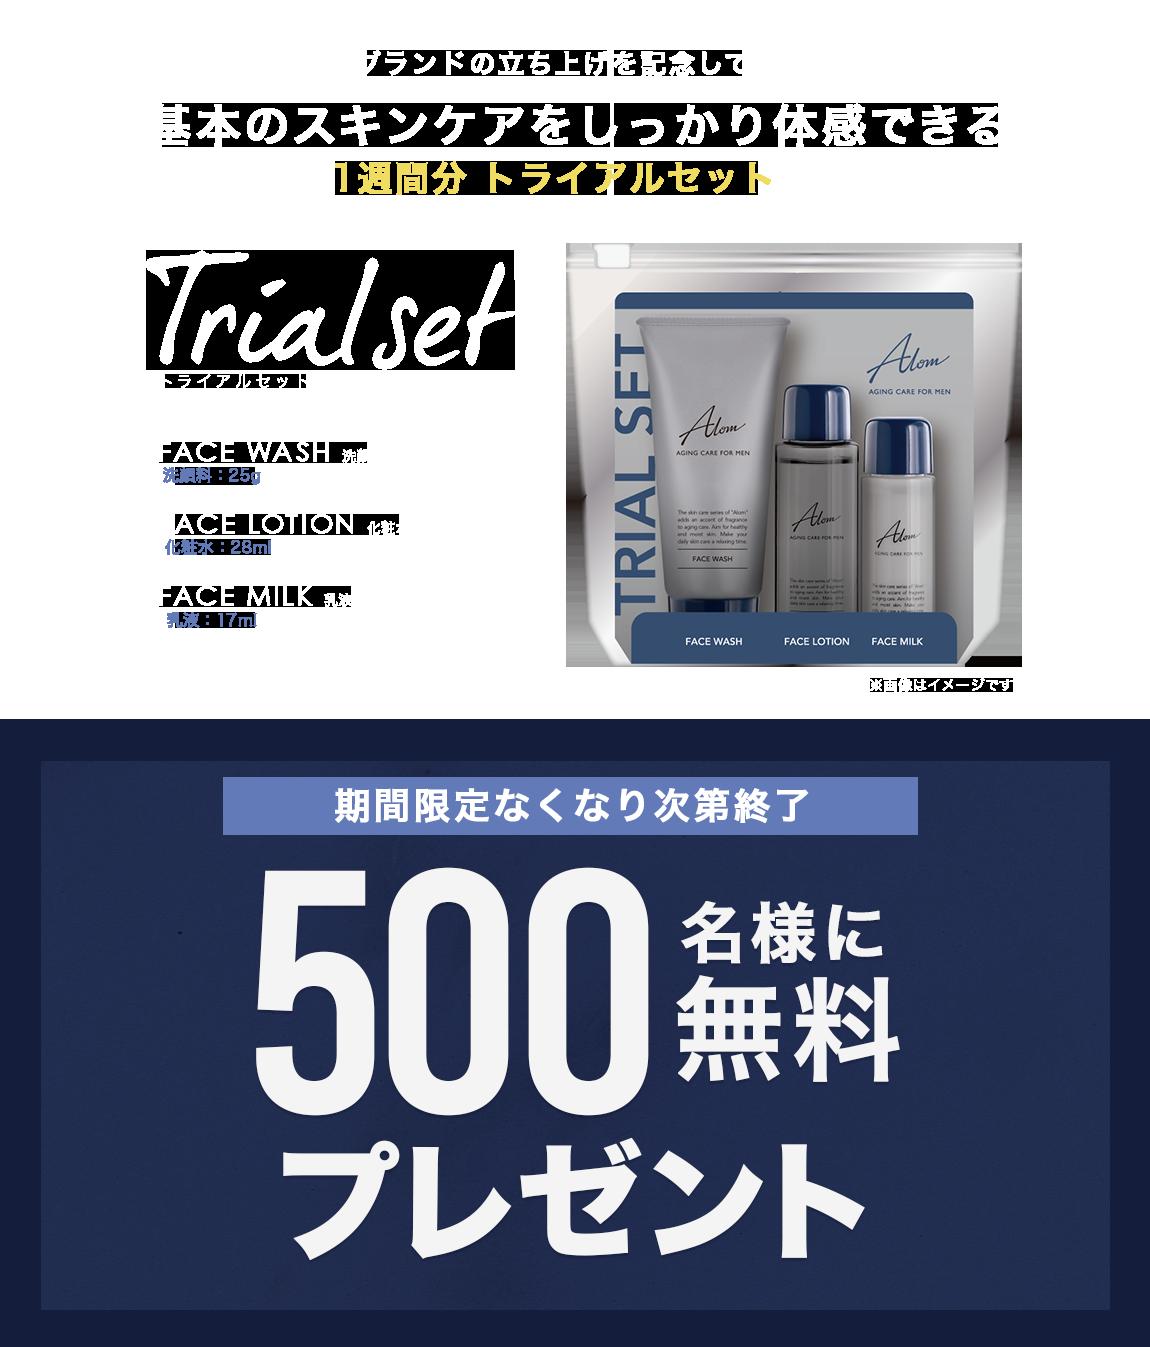 メンズ化粧品セットの「Alom AGING CARE FOR MEN」のサンプルが先着500名に貰える。~7/16。